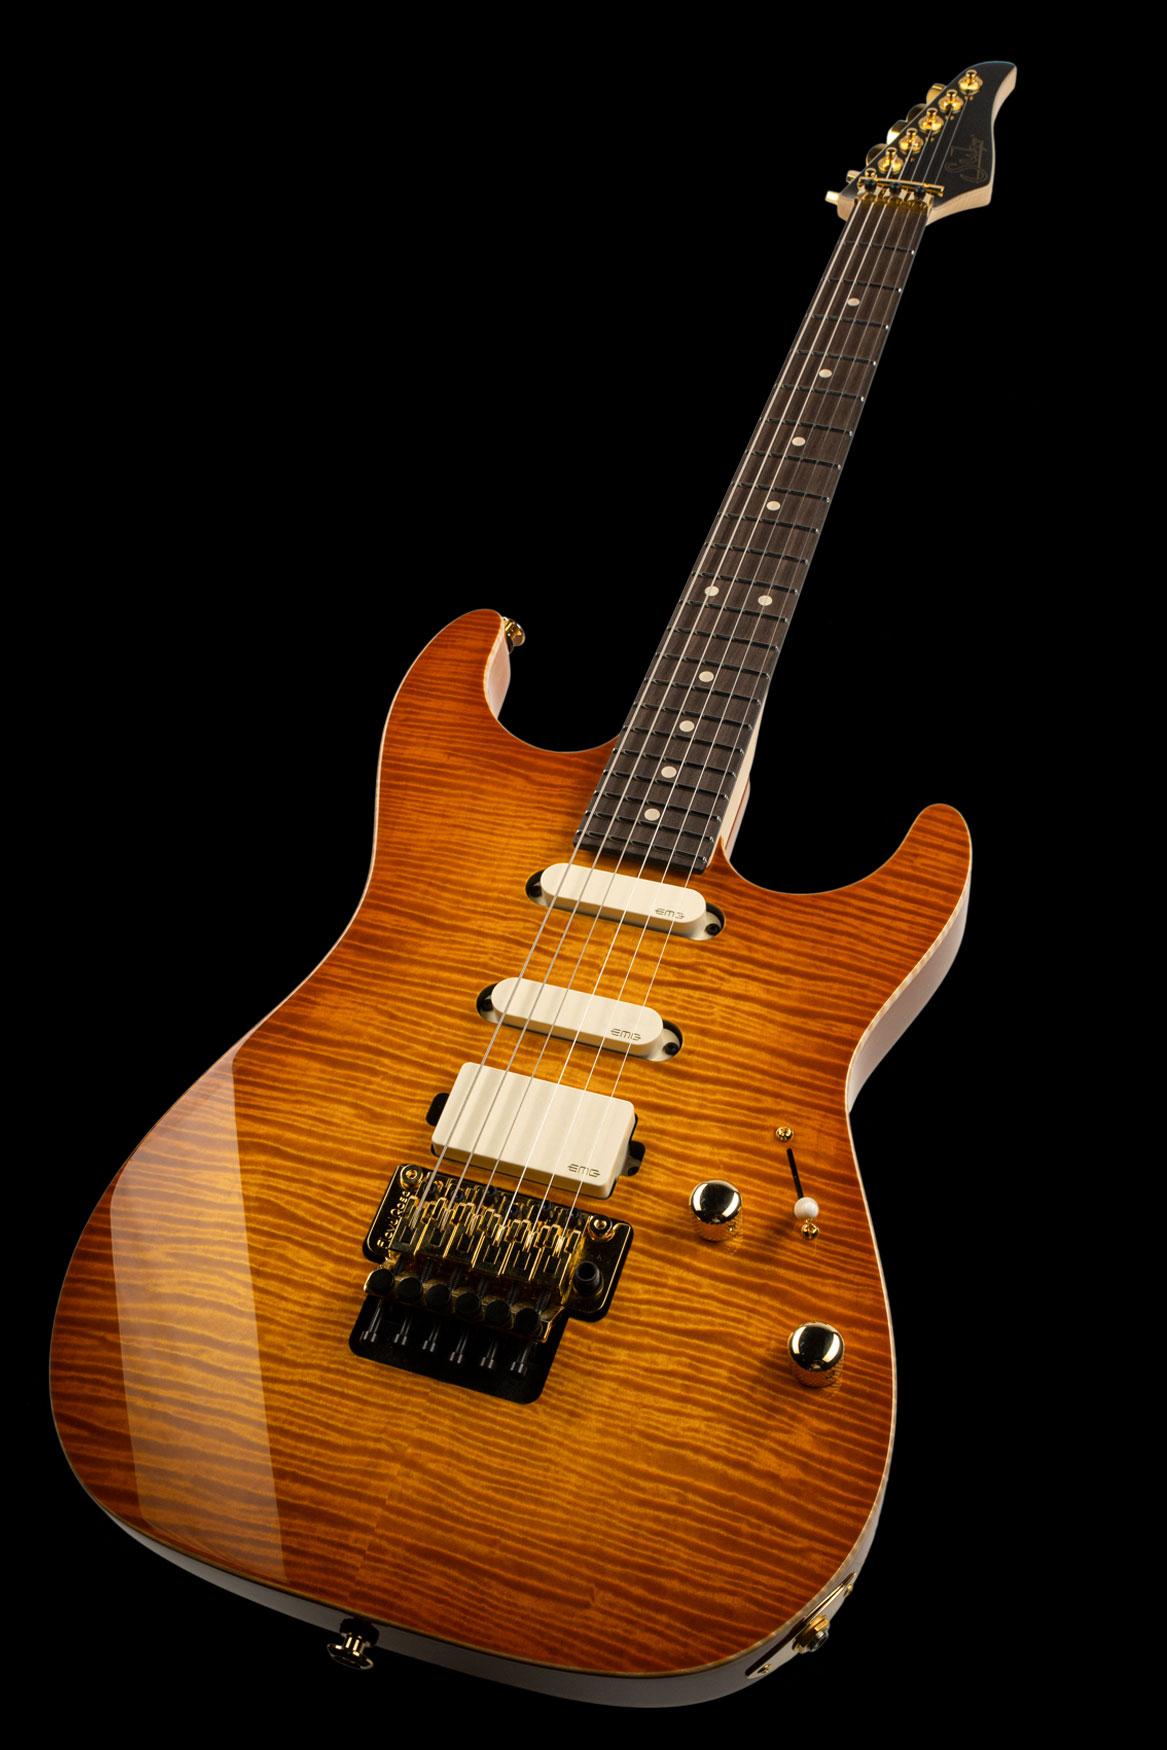 01-LTD-0029: Standard Legacy, Suhr Burst, Original Floyd Rose